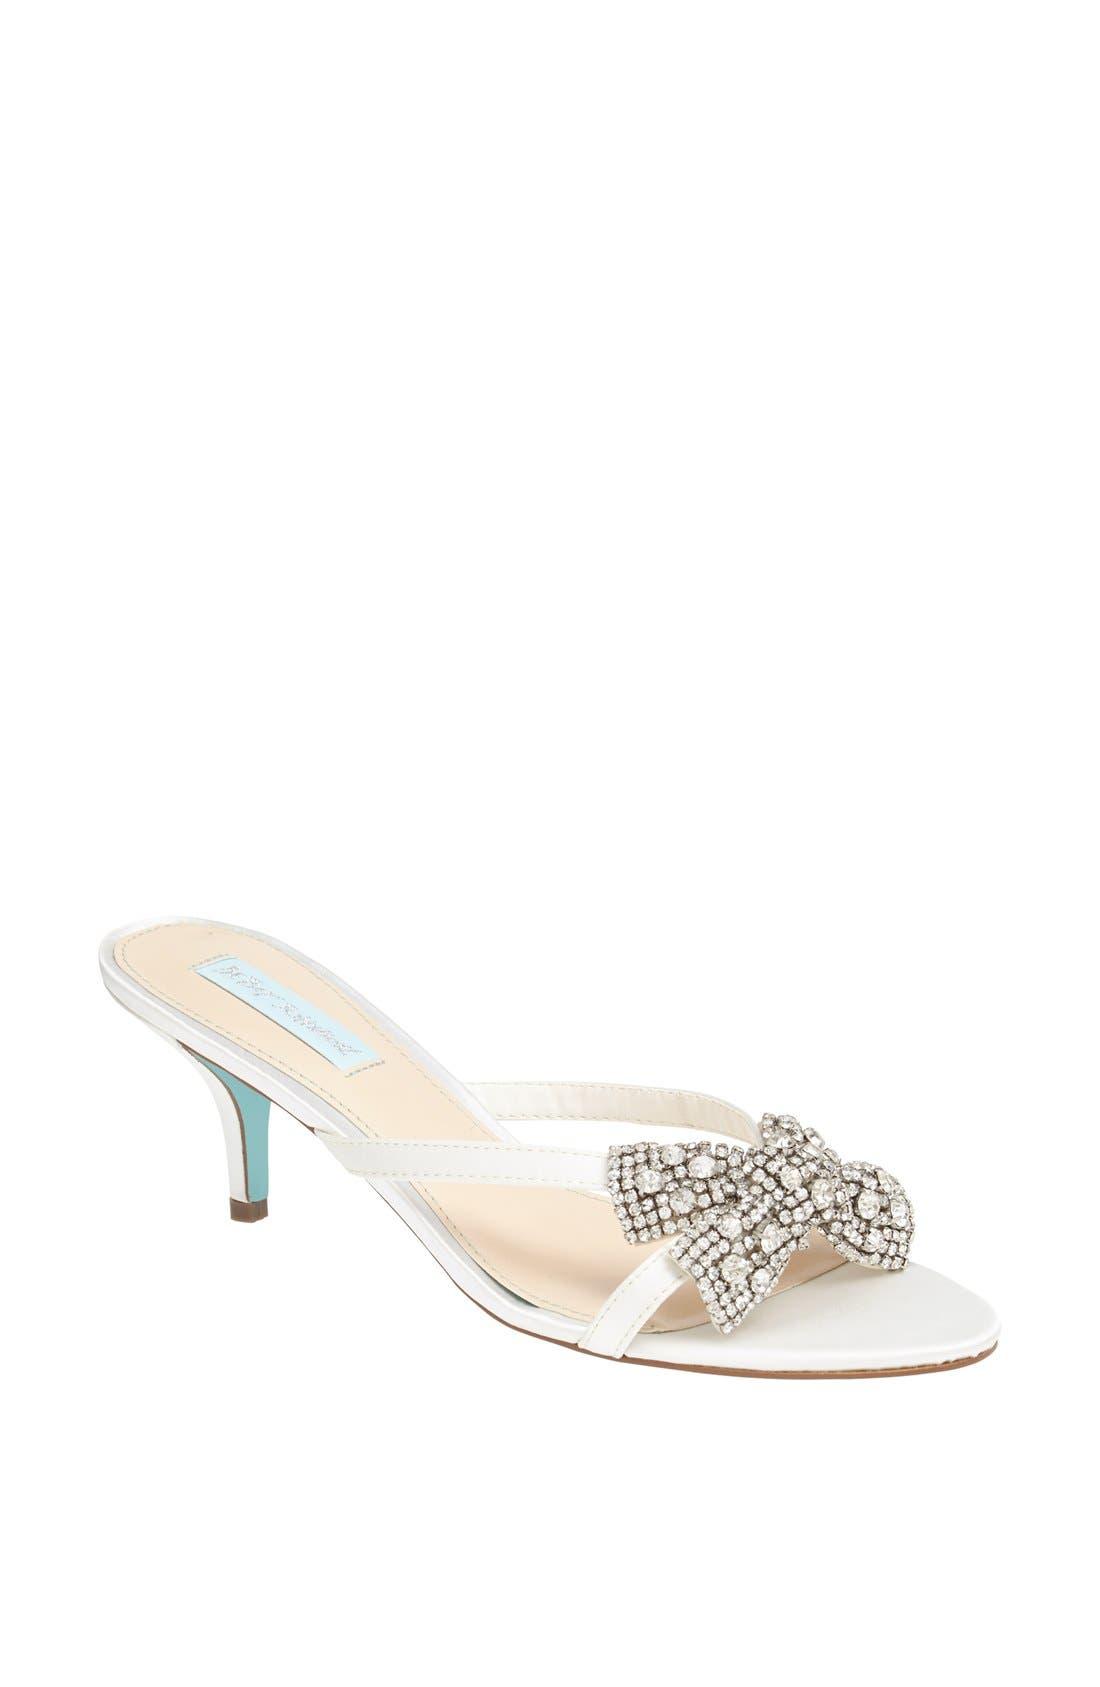 Alternate Image 1 Selected - Betsey Johnson 'Blush' Sandal